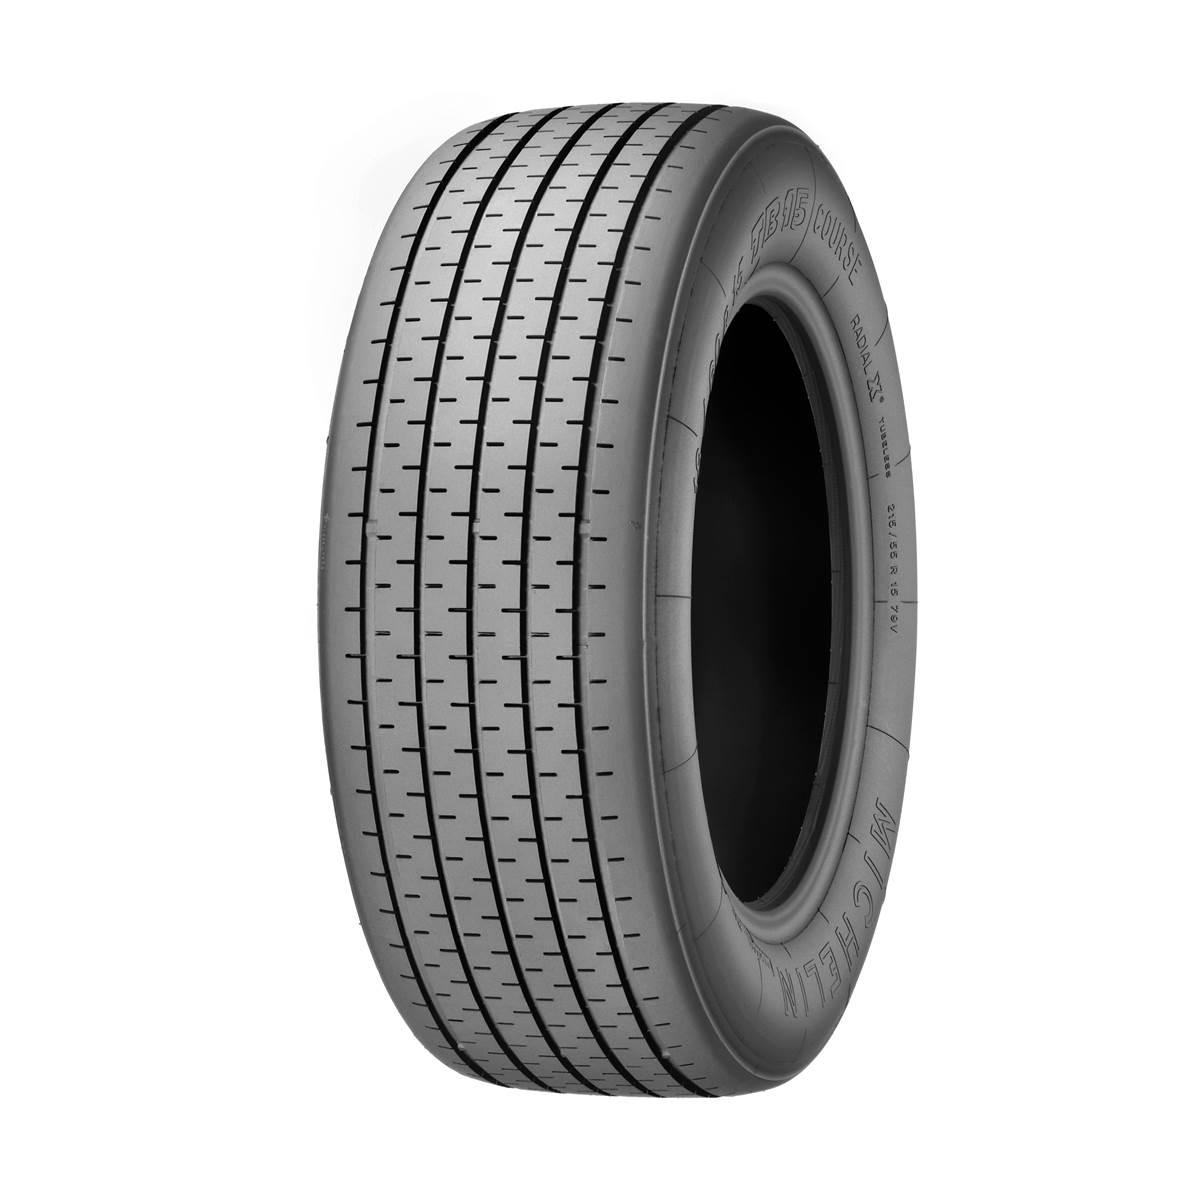 Pneu Michelin Collection 175/60R13 72V Tb15